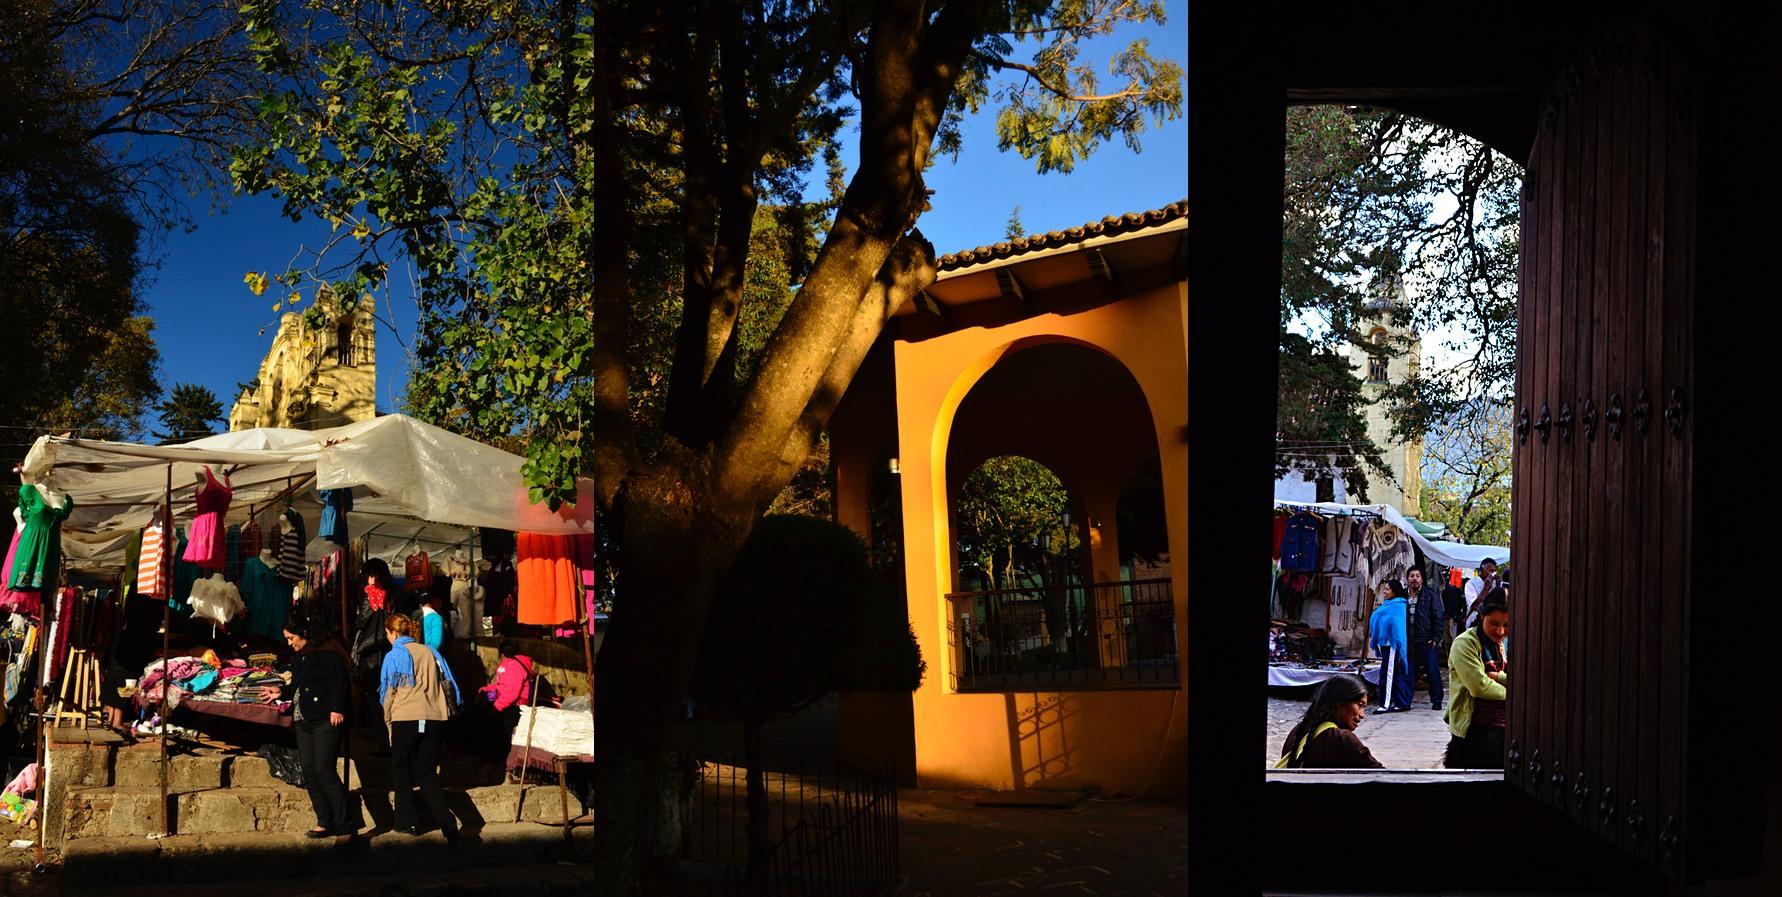 San_Cristóbal_de_las_Casas_17